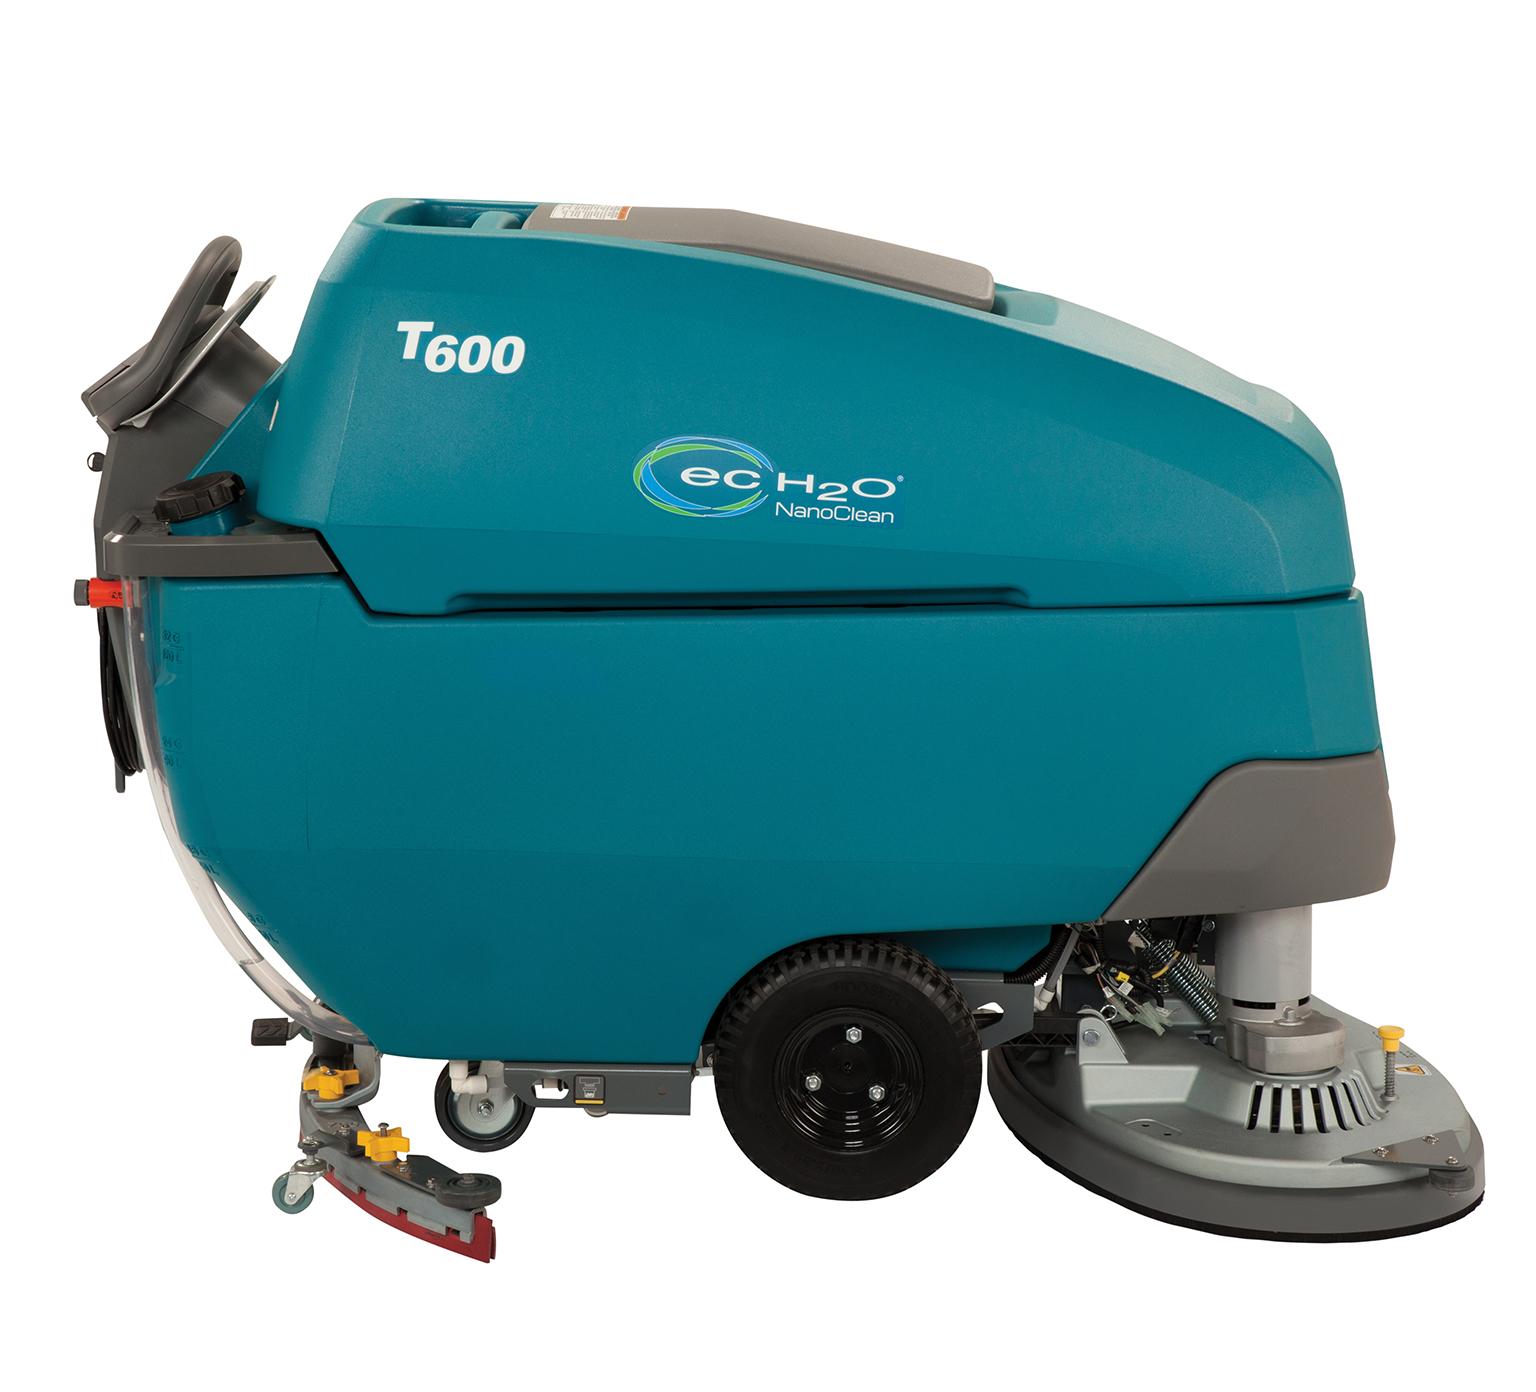 T600 / T600e